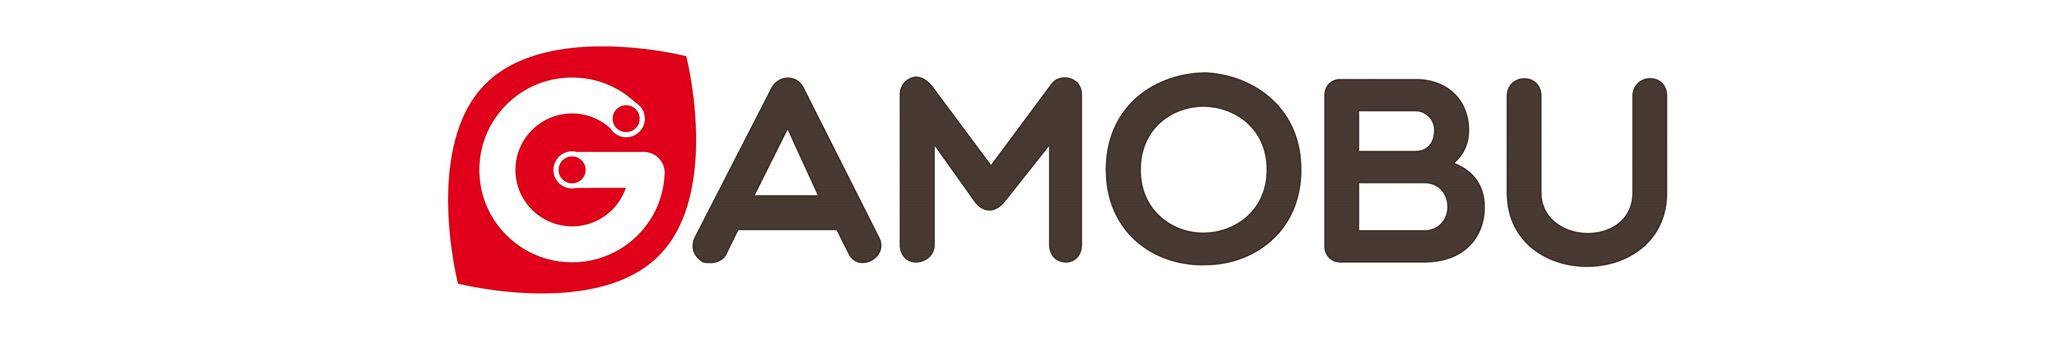 Gamobu